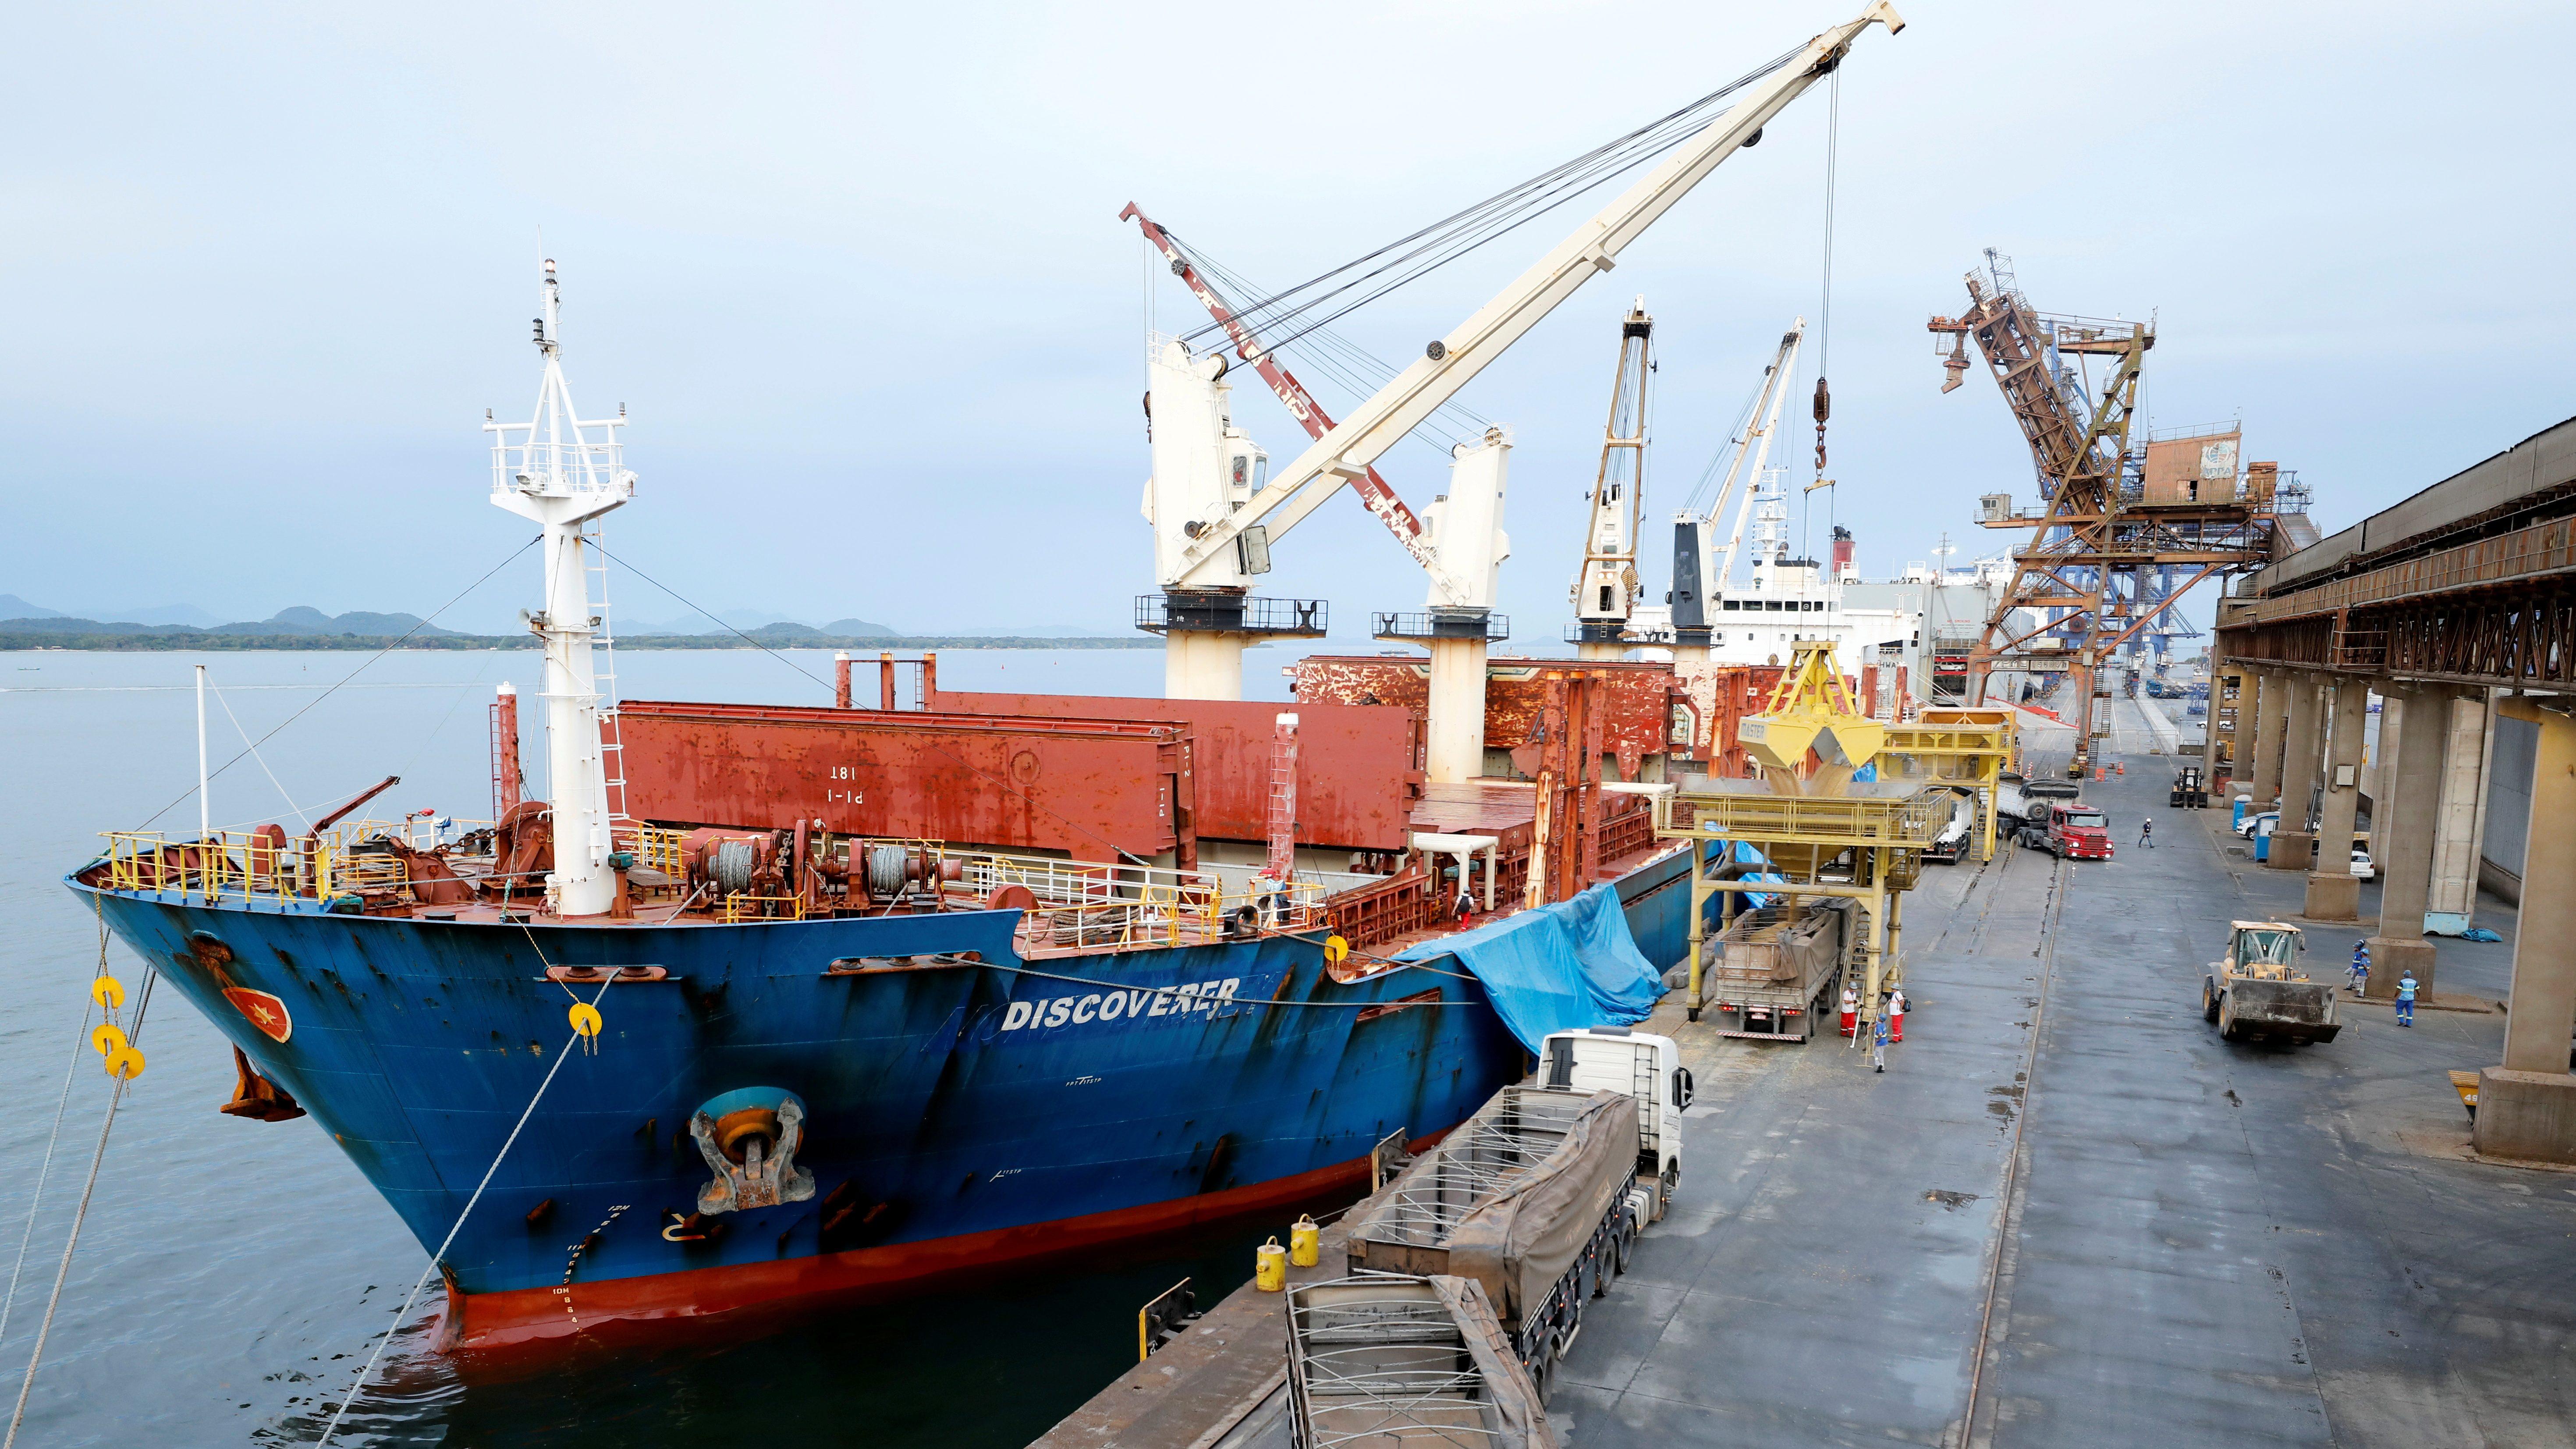 An ocean freighter unloads soybeans at a dock.